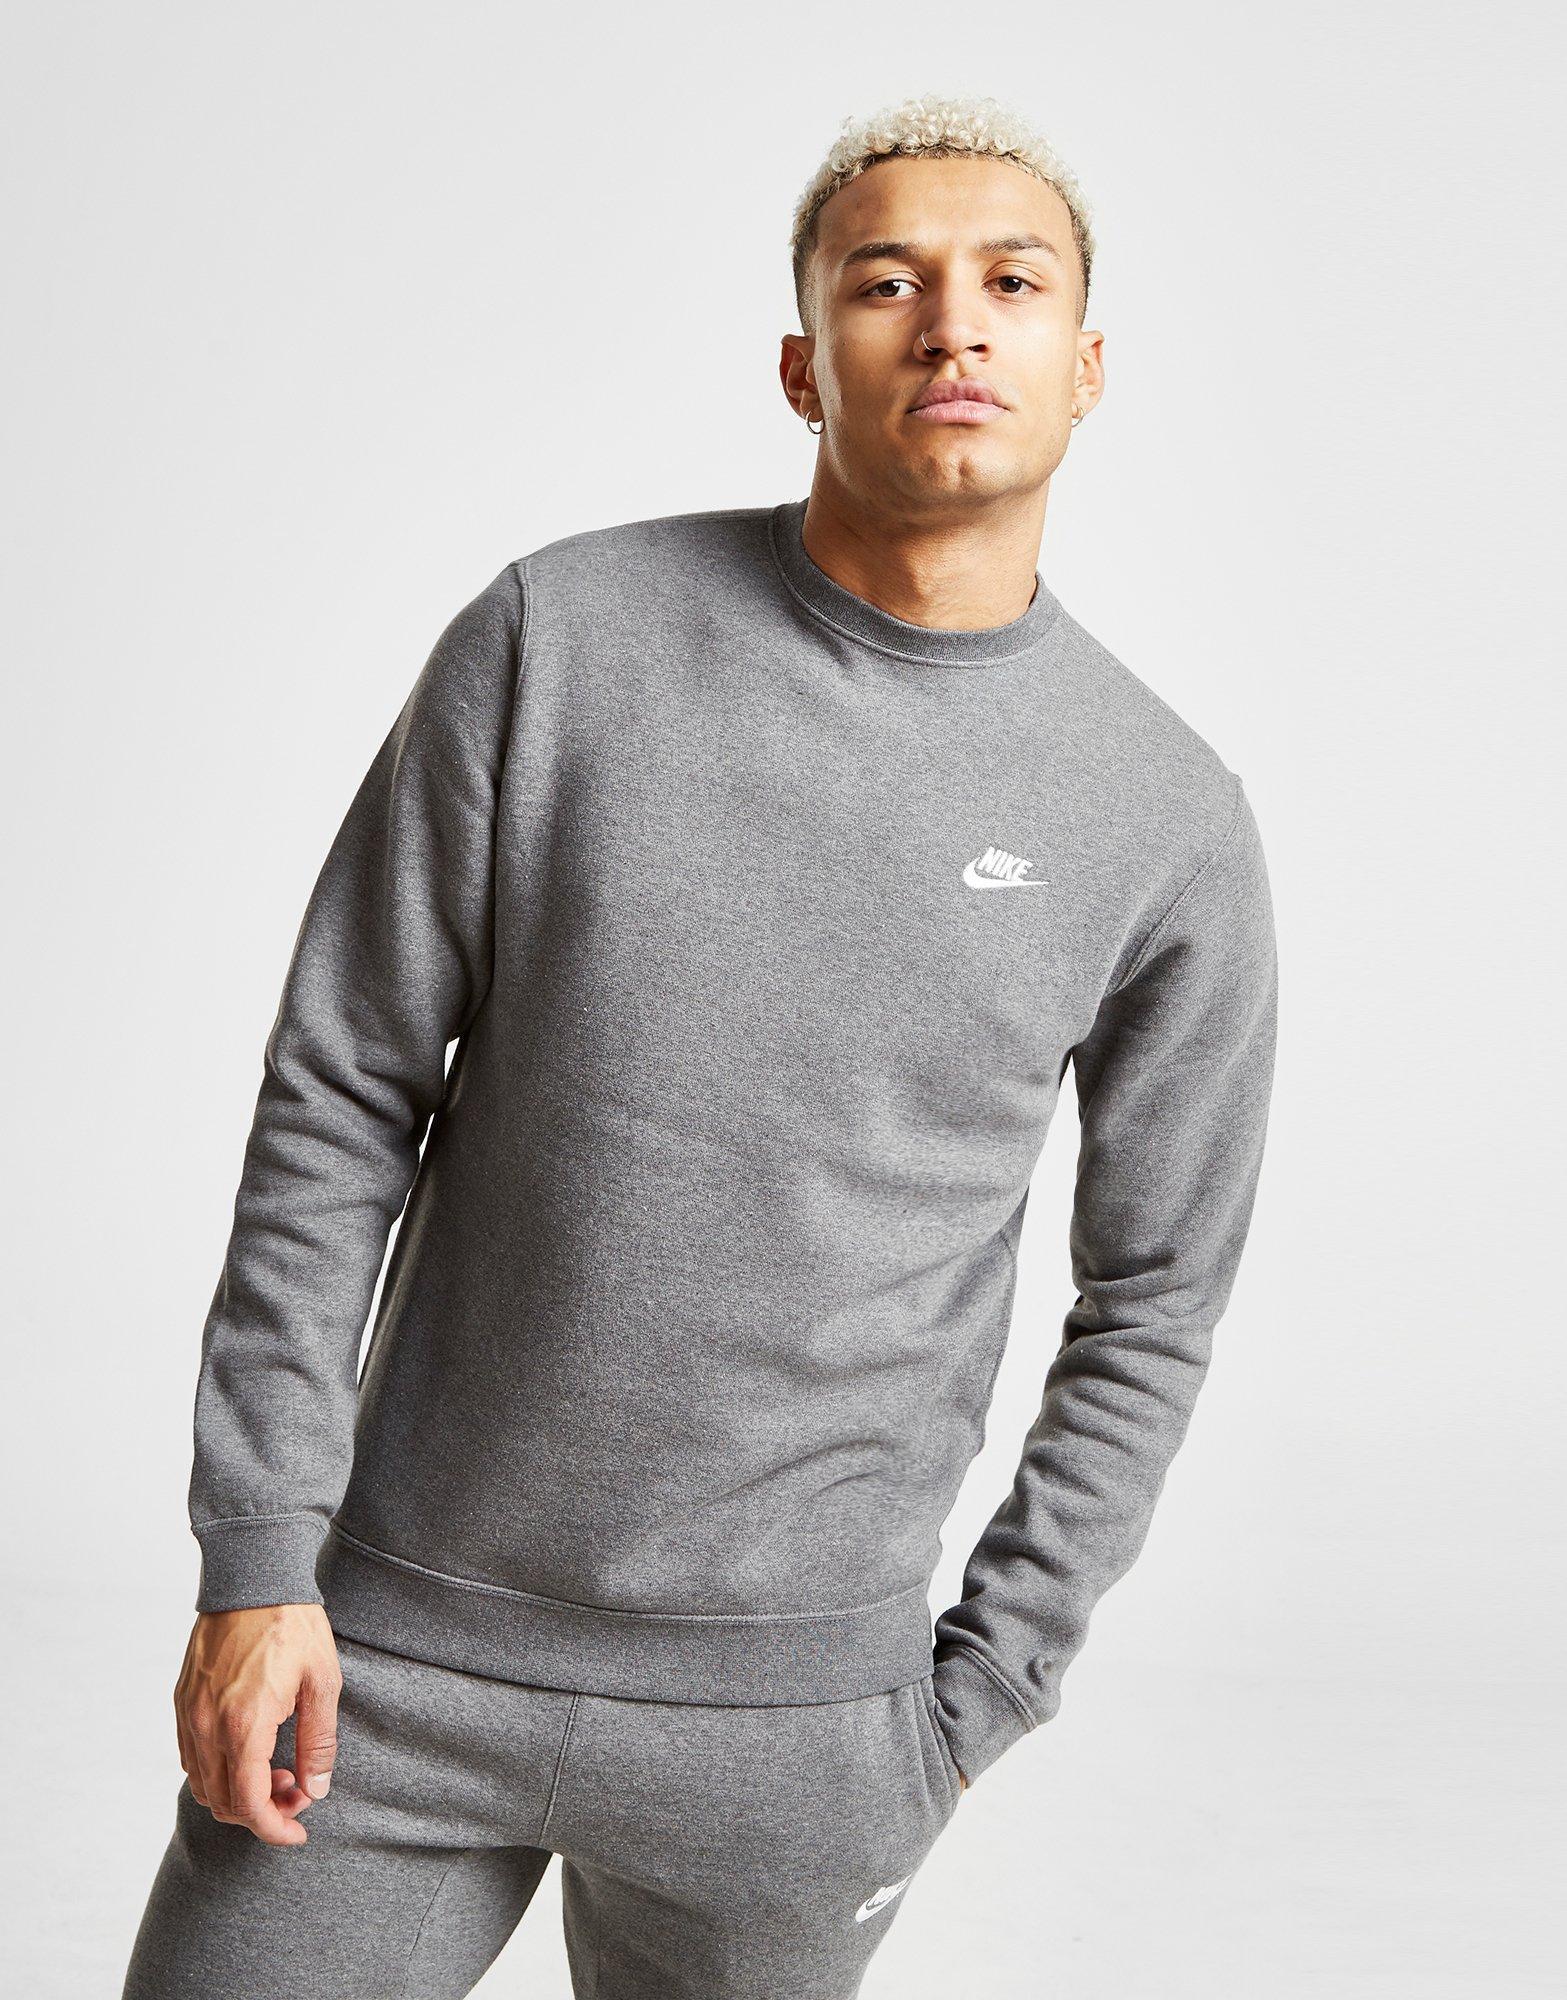 131b6a4b Lyst - Nike Foundation Crew Sweatshirt in Gray for Men